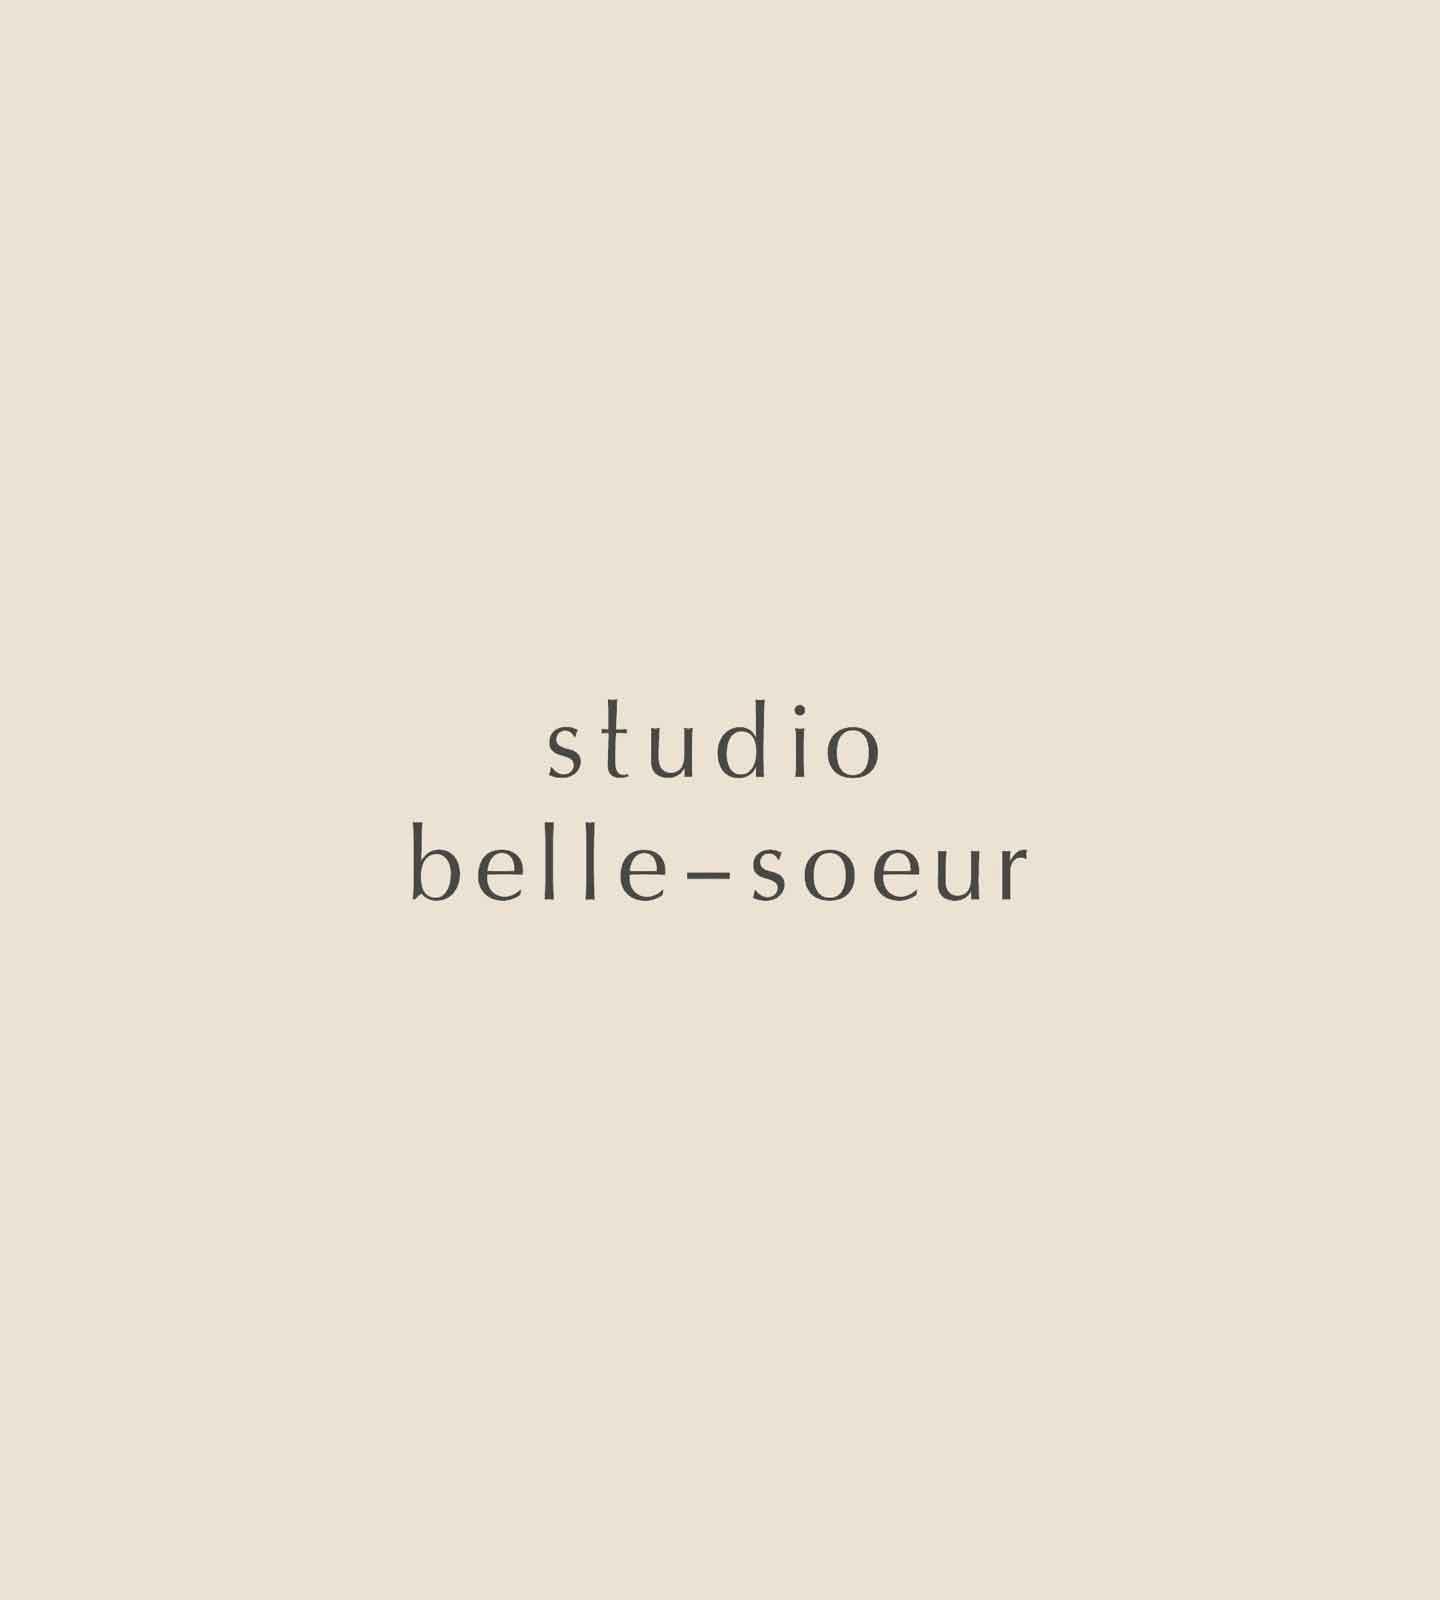 Studio_belle_soeur_logo.JPG